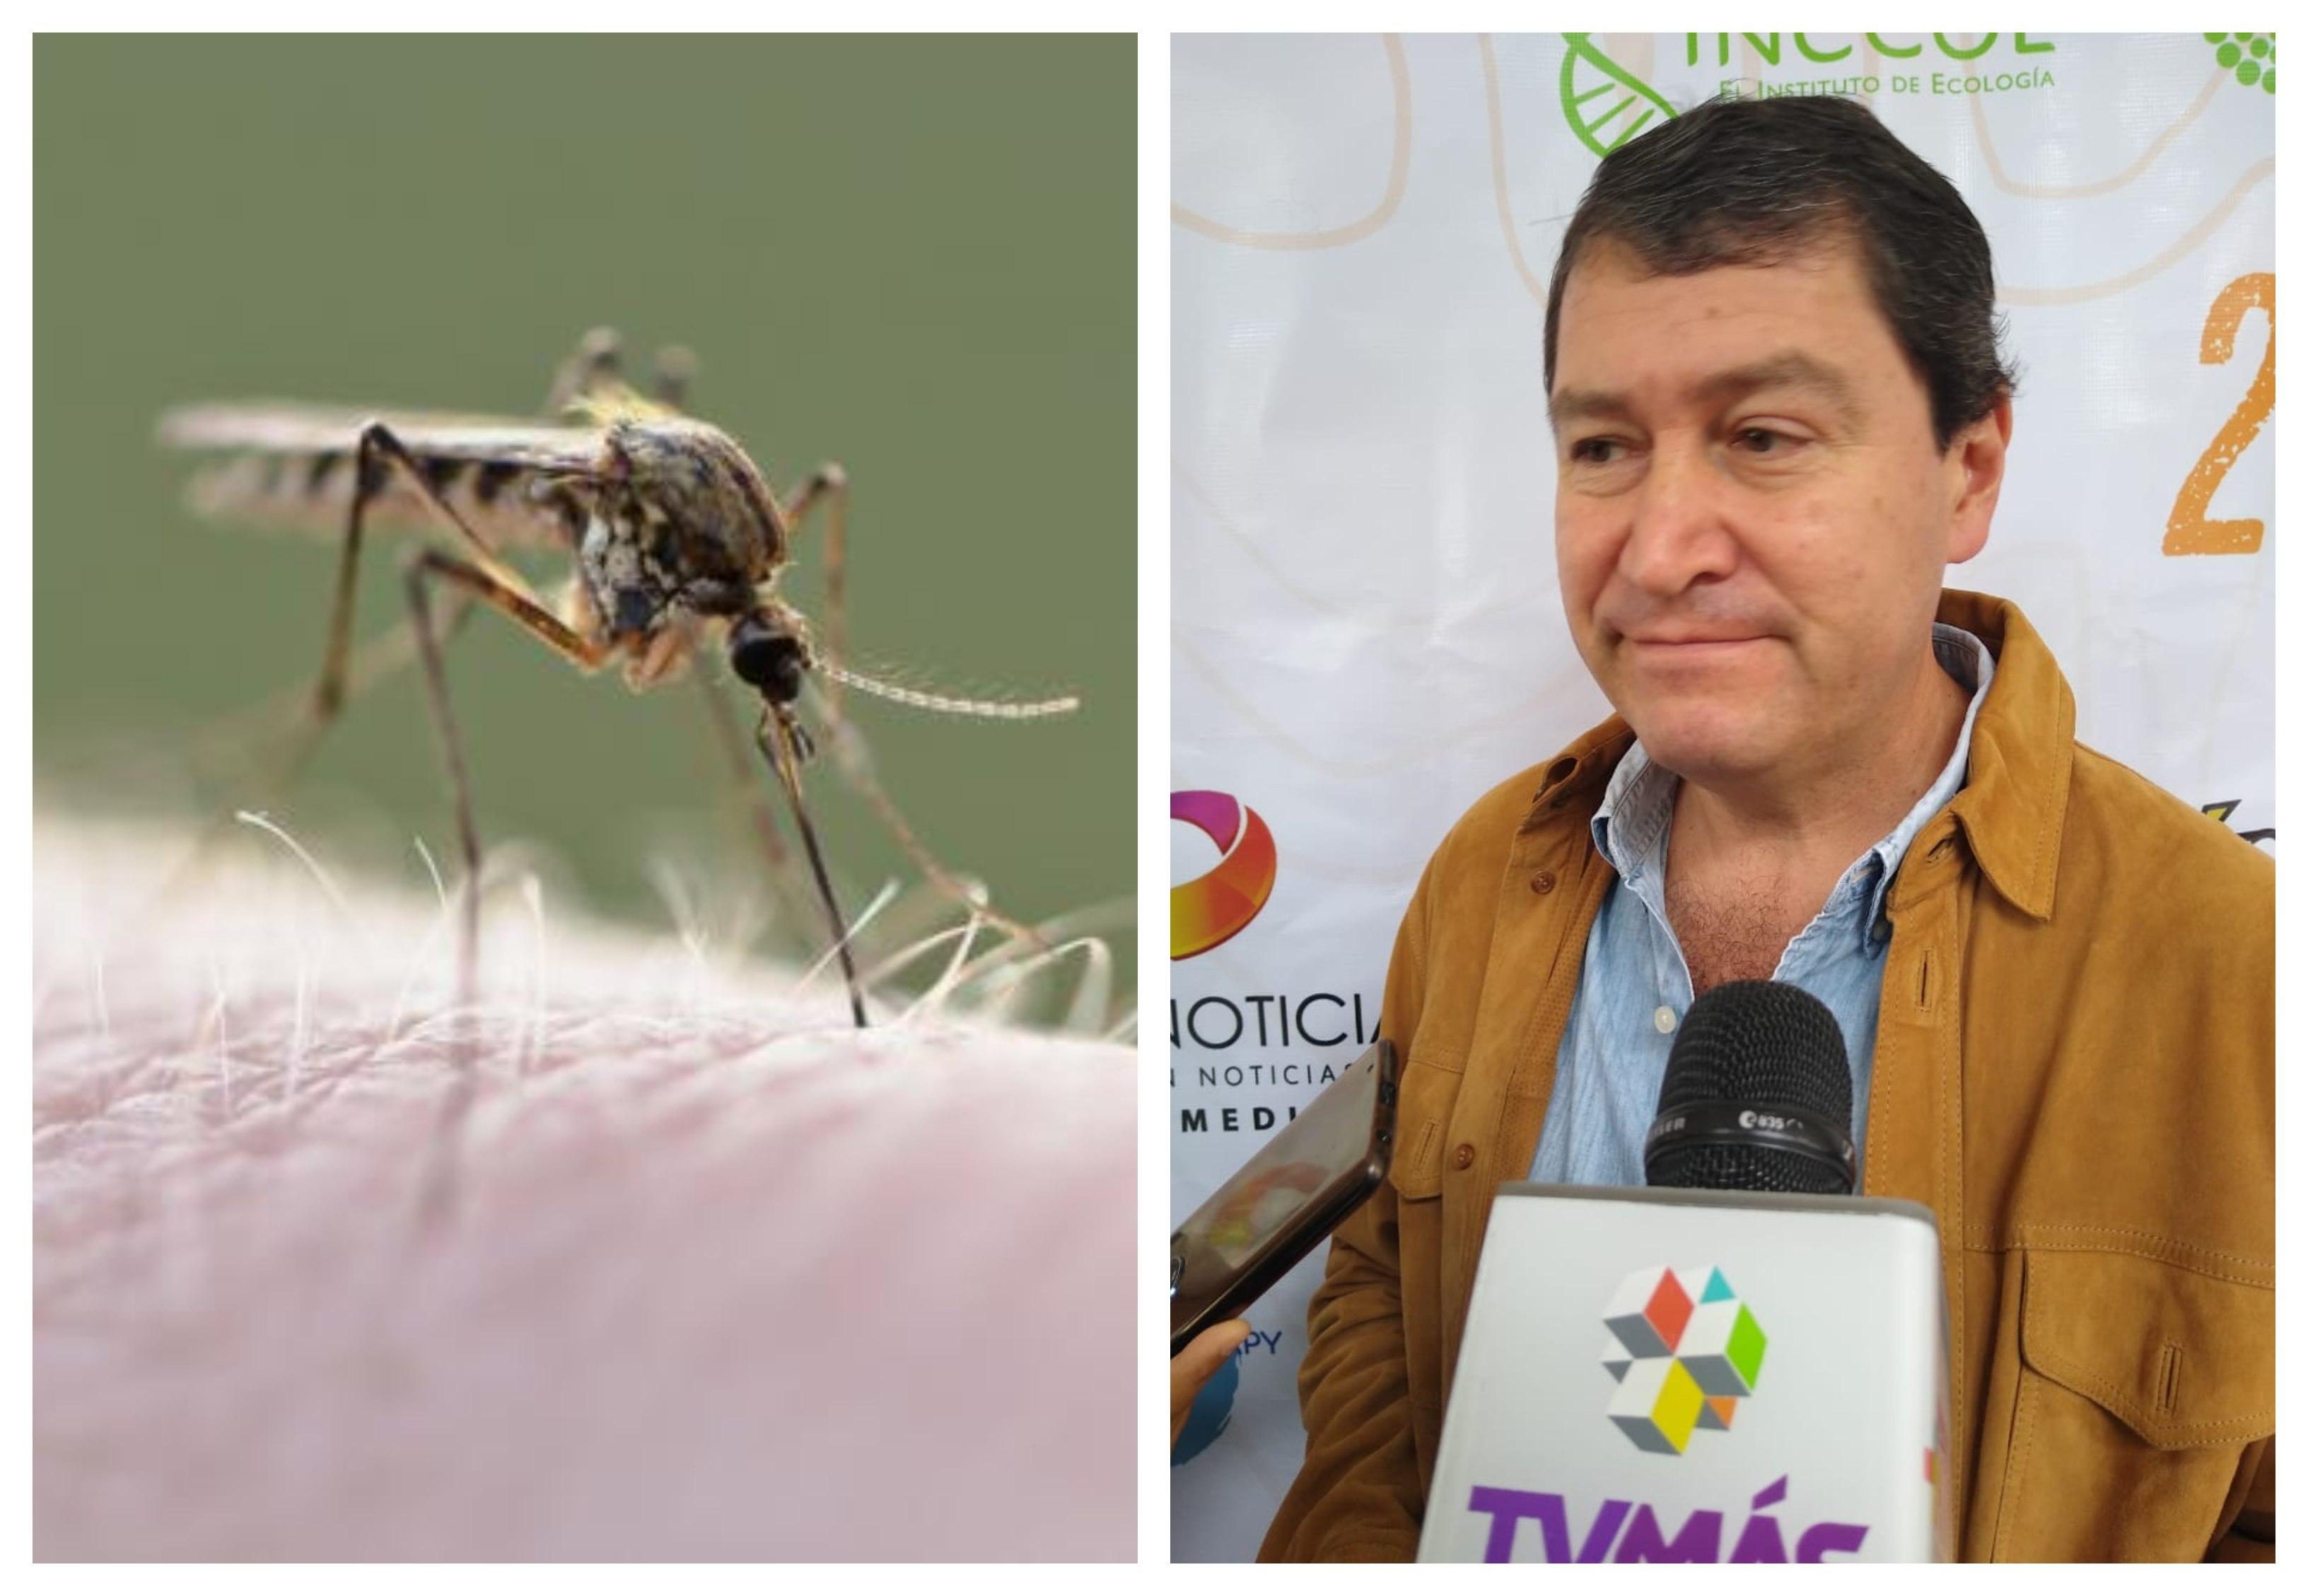 Cambio climático hizo al mosco transmisor del dengue más resistente: Inecol